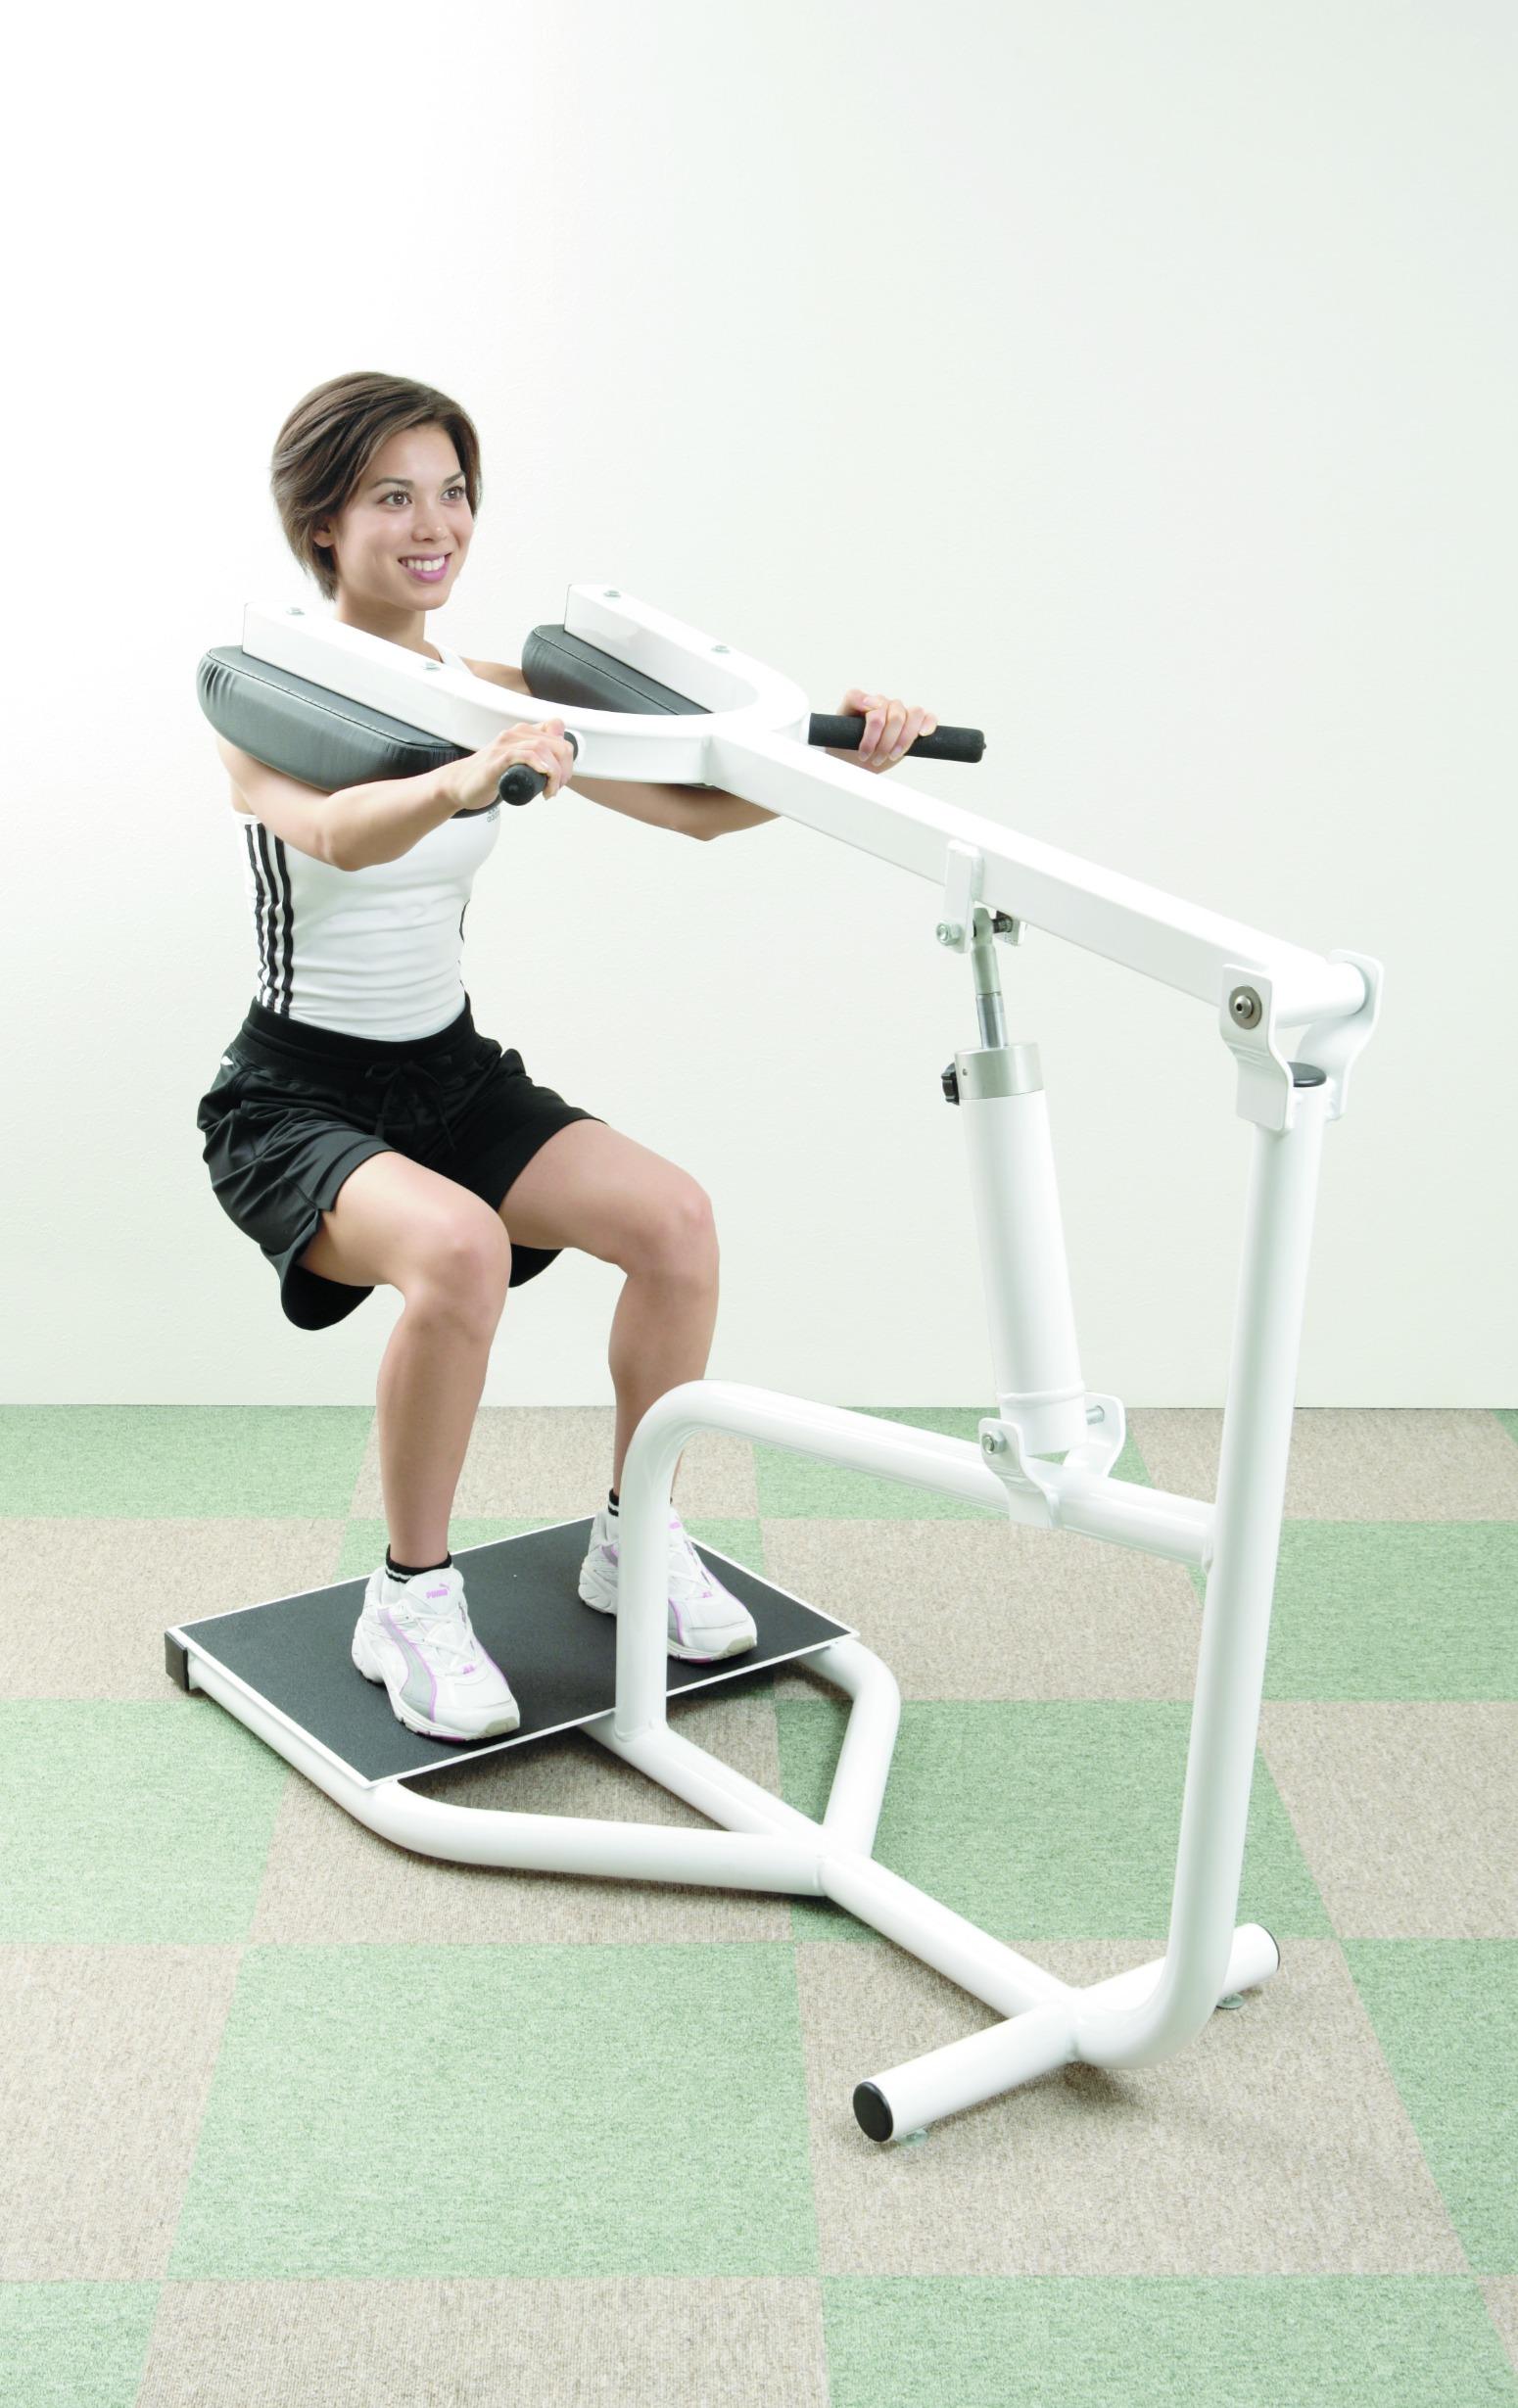 油圧マシン 筋肉トレーニング